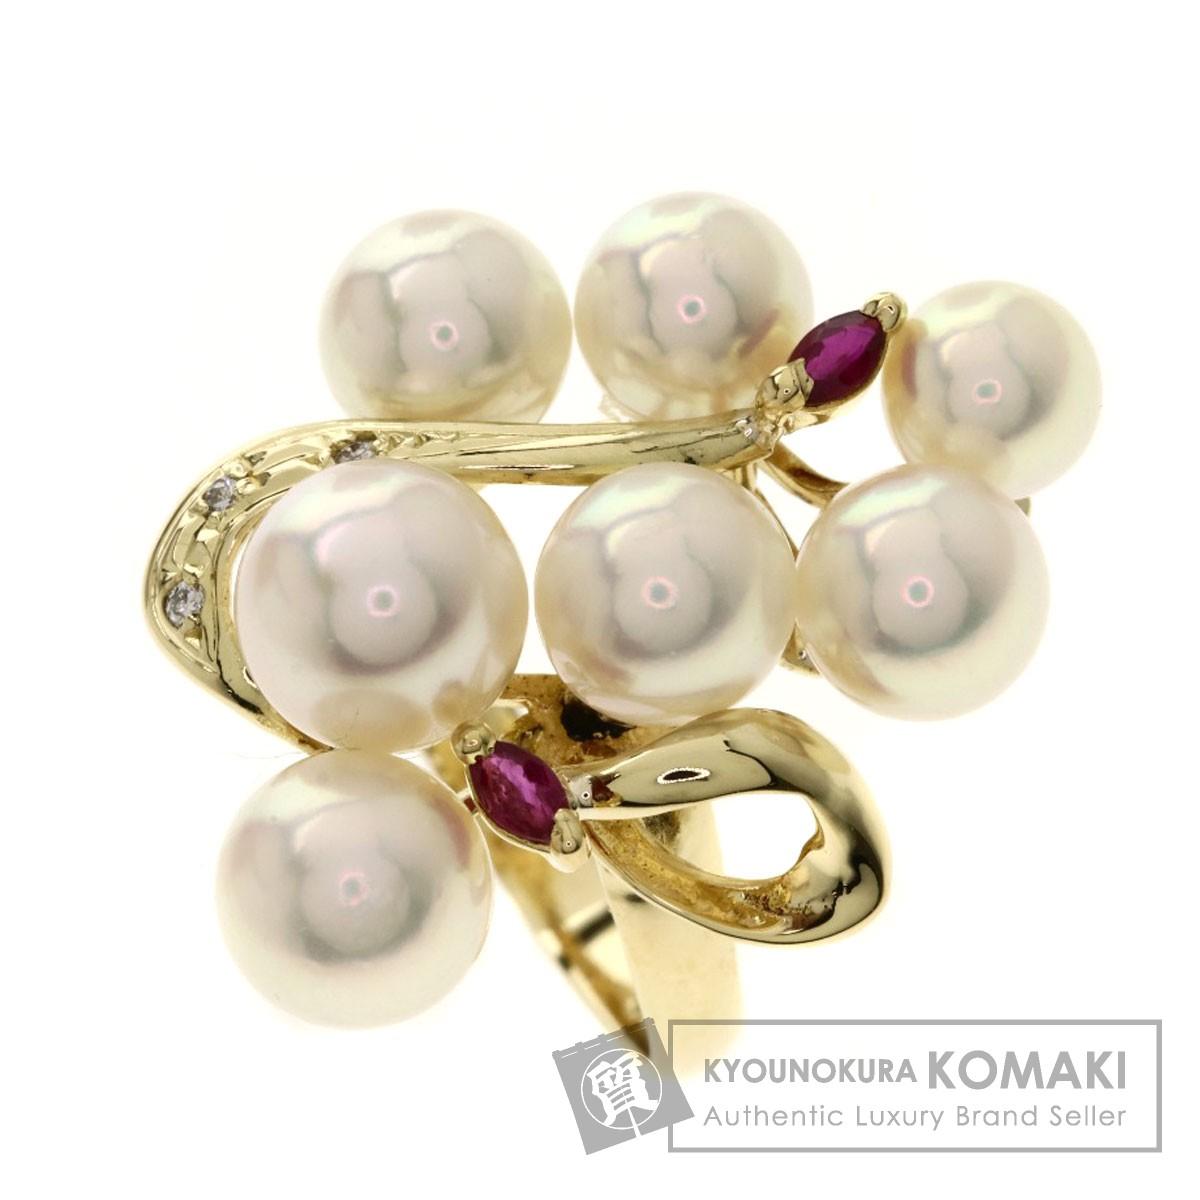 0.02ct パール/真珠/ルビー/ダイヤモンド リング・指輪 K18イエローゴールド 6.6g レディース 【中古】